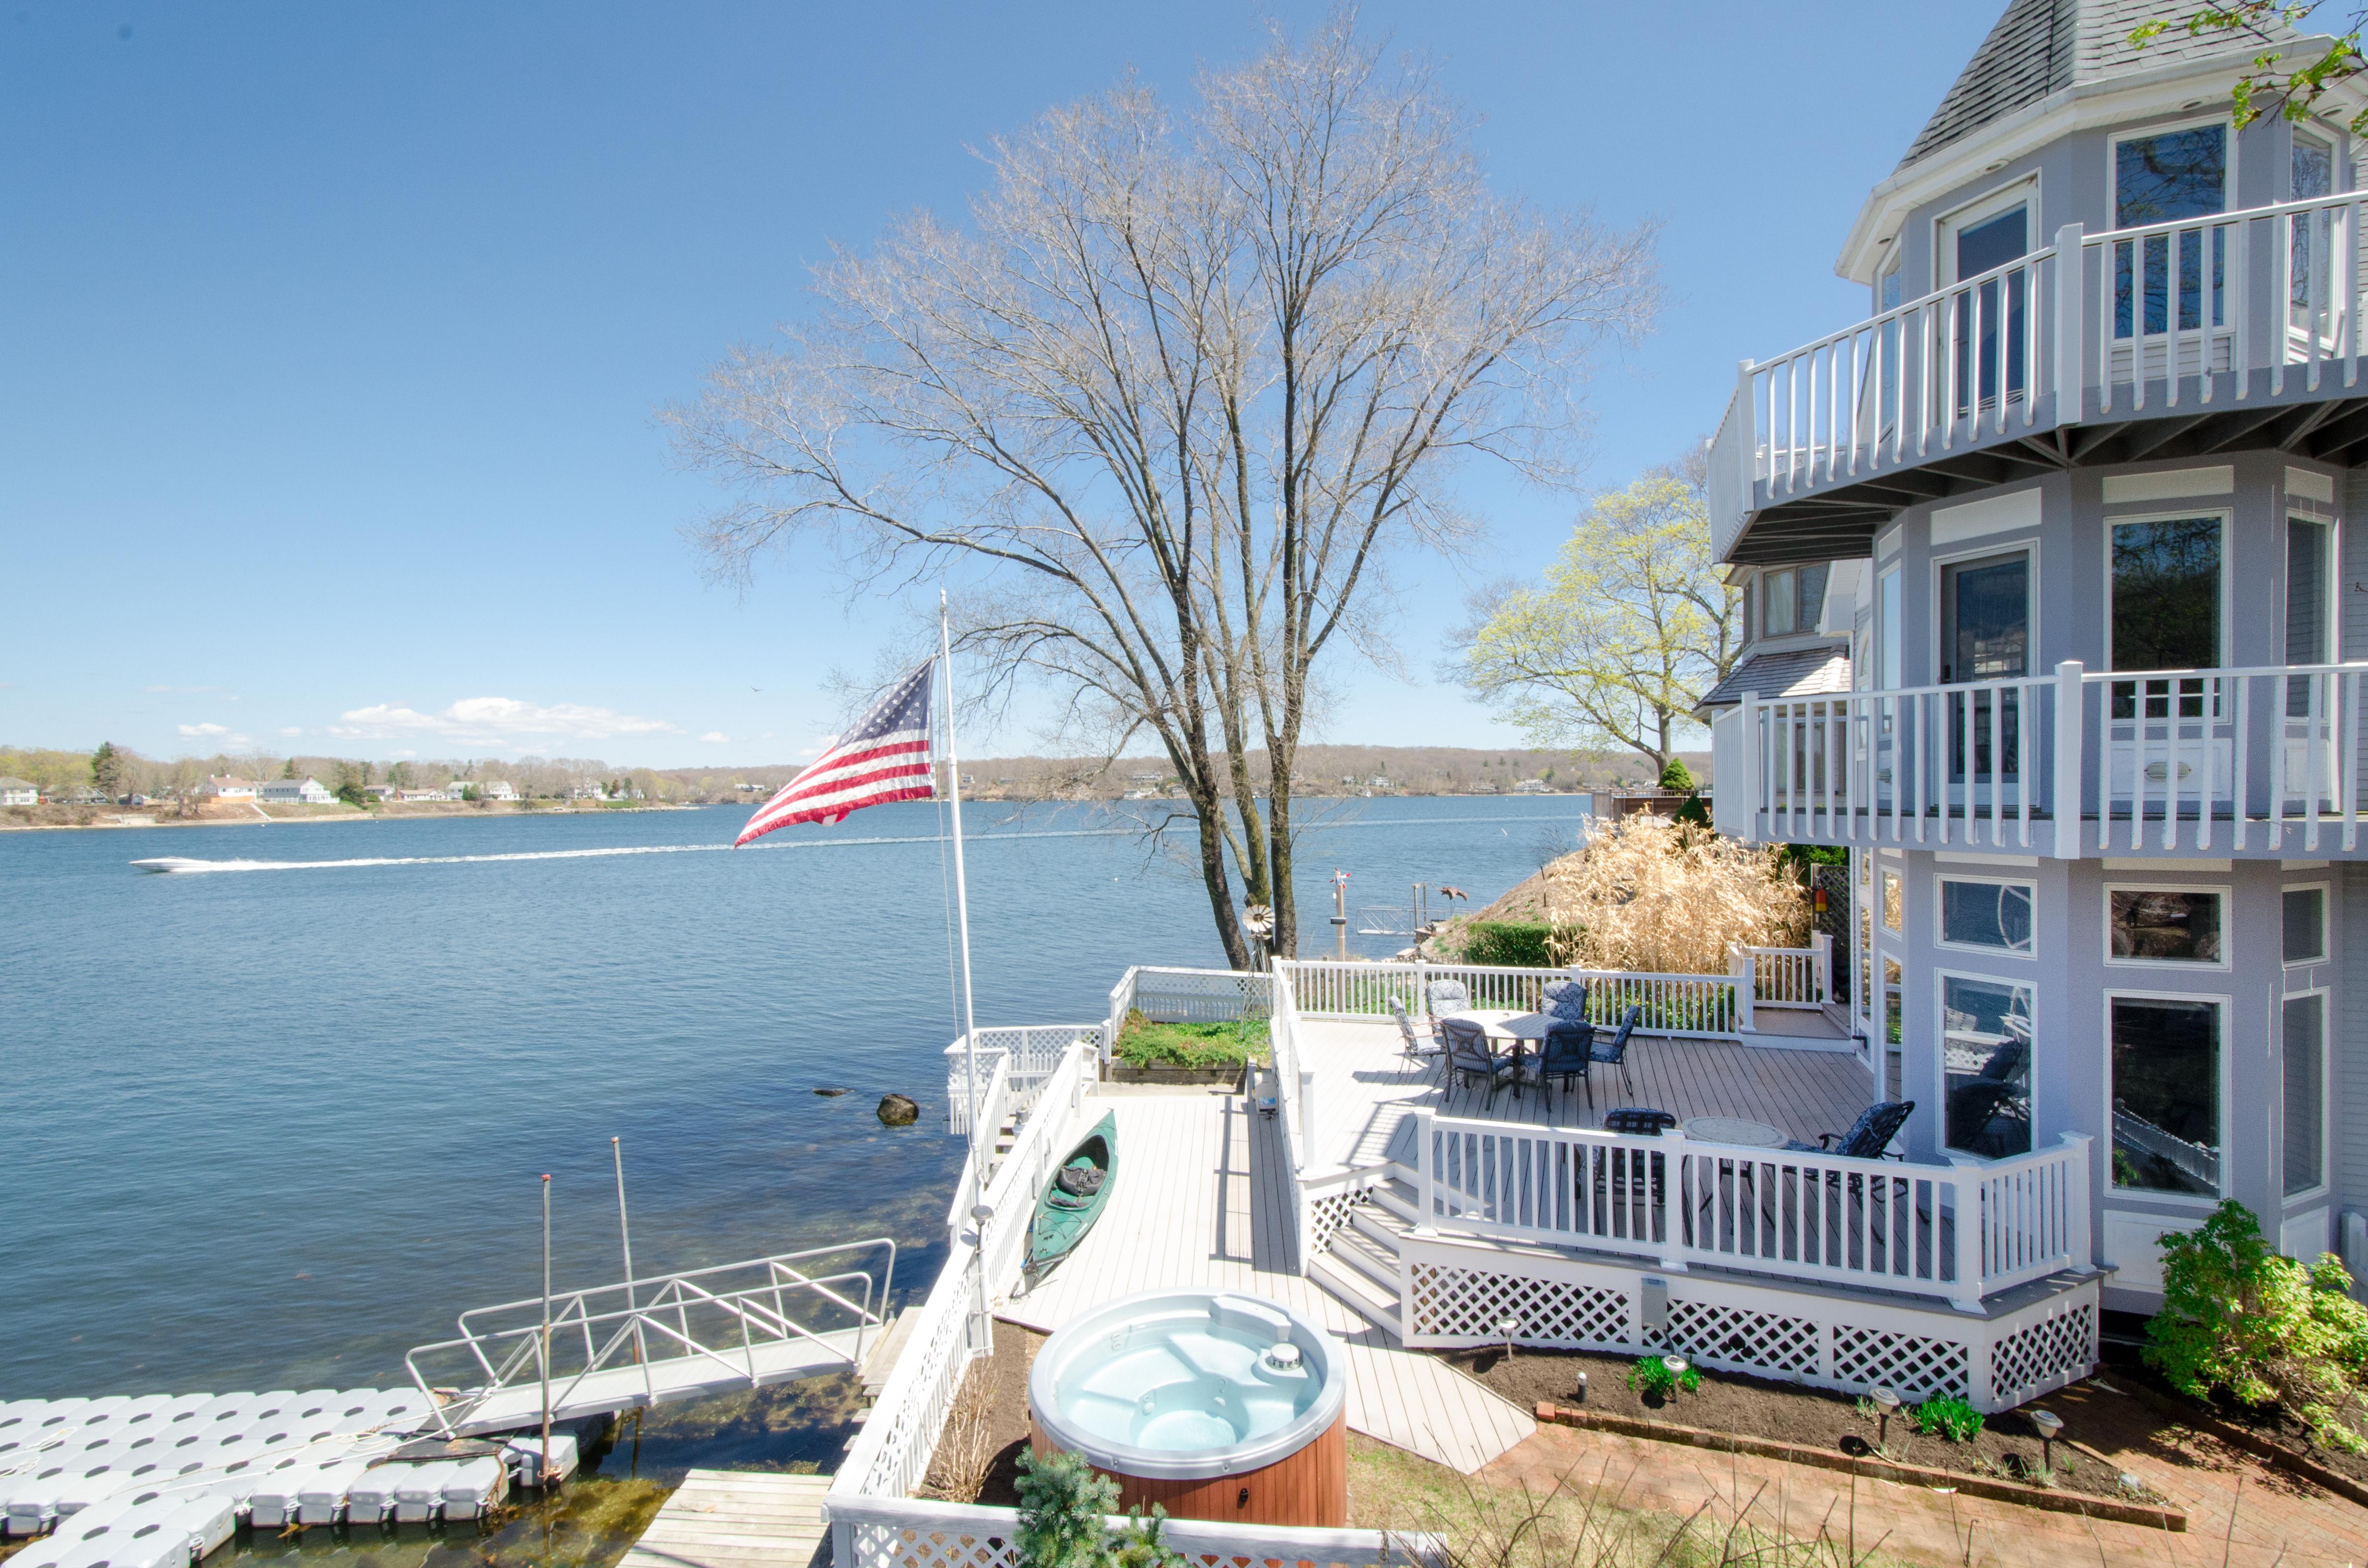 Einfamilienhaus für Verkauf beim Year-Round Waterfront Home With Spectacular Views 28 Bishops Bay Road East Lyme, Connecticut 06357 Vereinigte Staaten